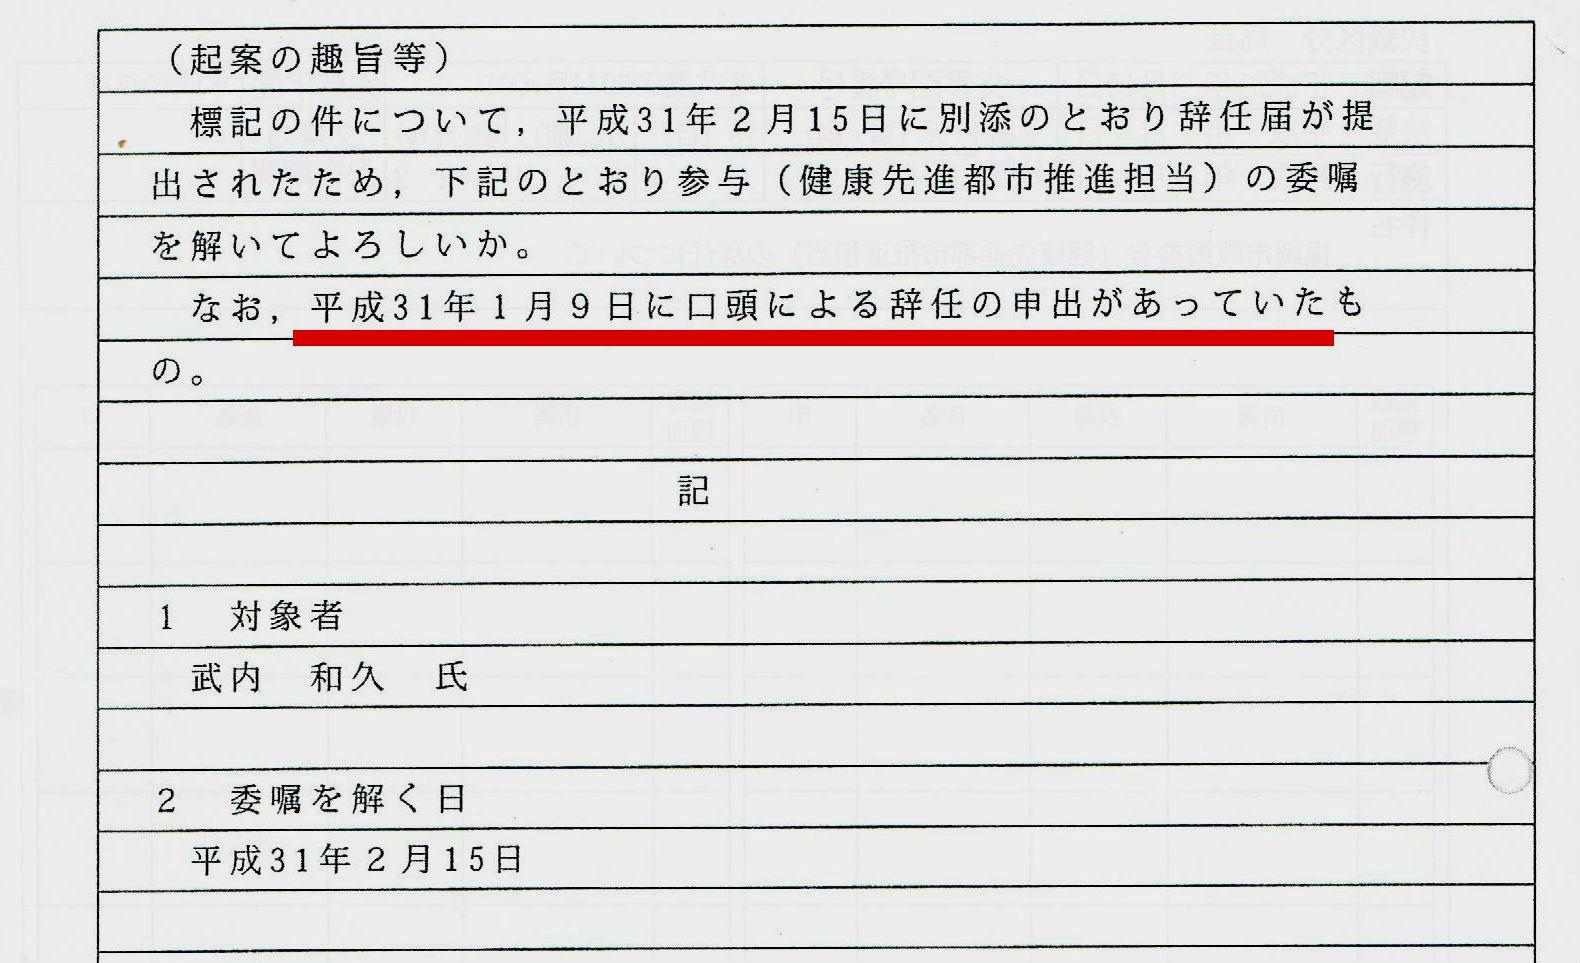 http://hunter-investigate.jp/news/d955f71165e7c92d5a5e8777aec8d0675c5a86e8.jpg